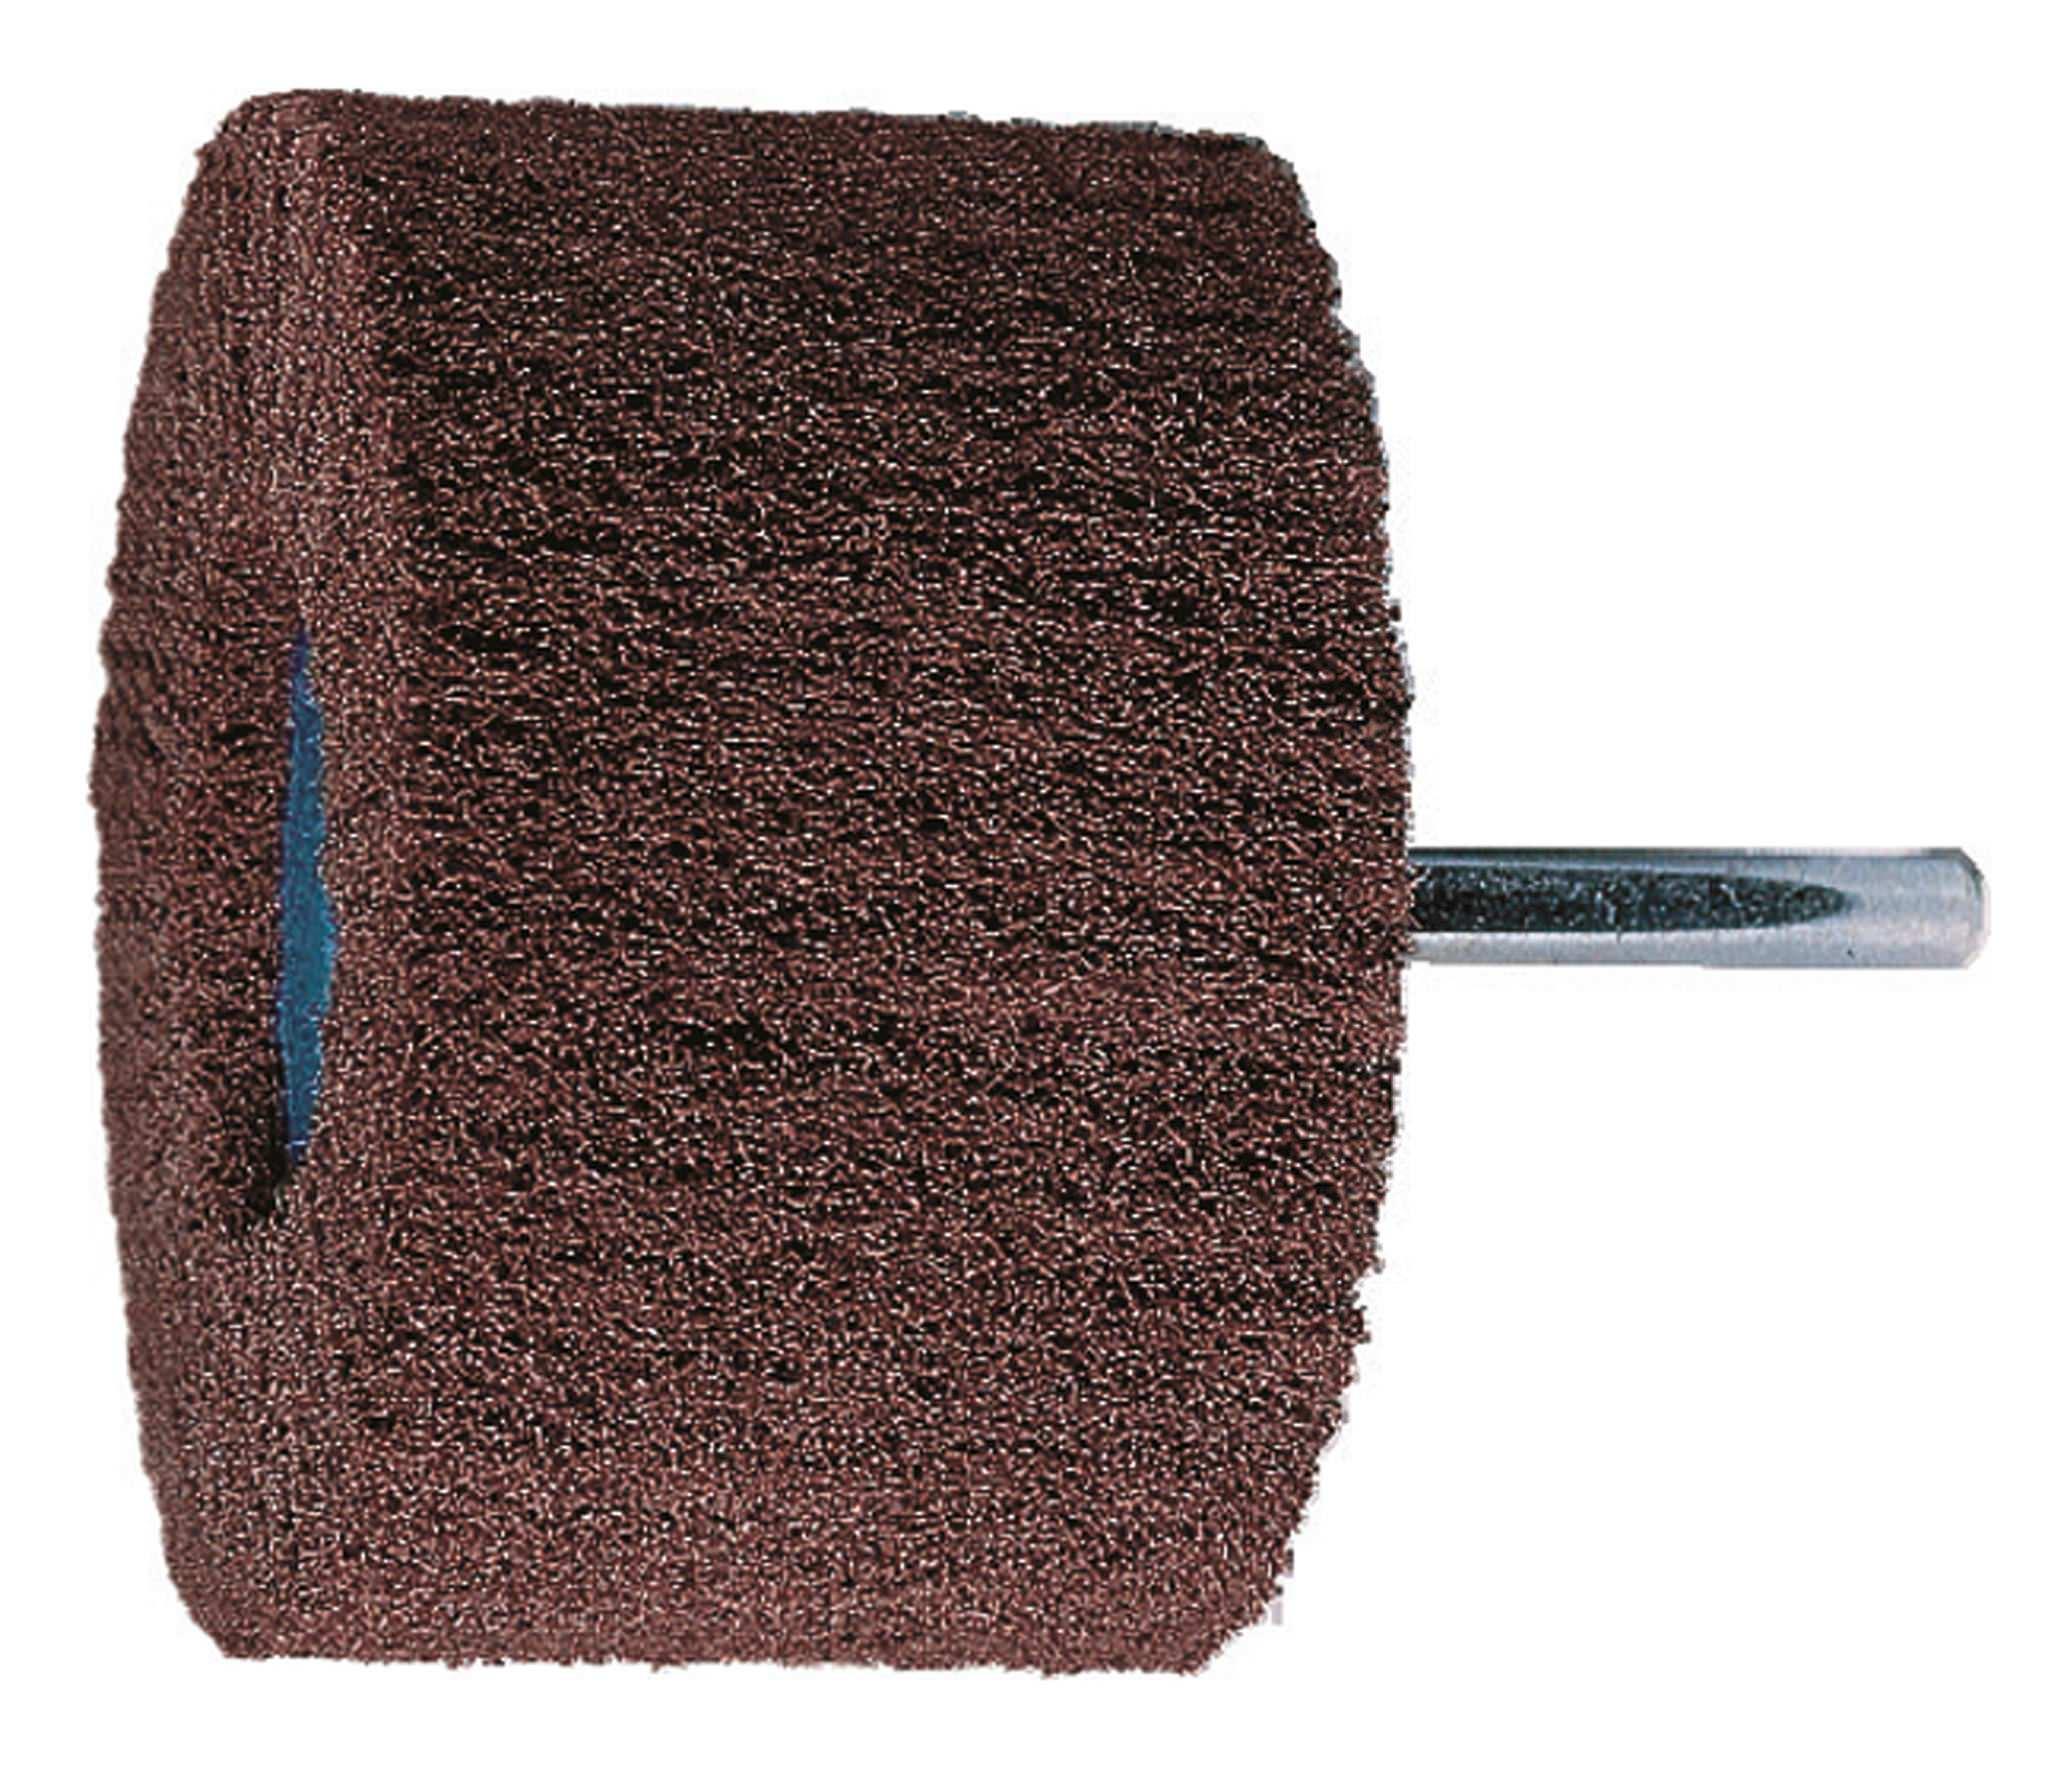 Schleifvlies Vlies zum Polieren von Edelstahl 100mm x 10m Rolle K180 Schleifpads